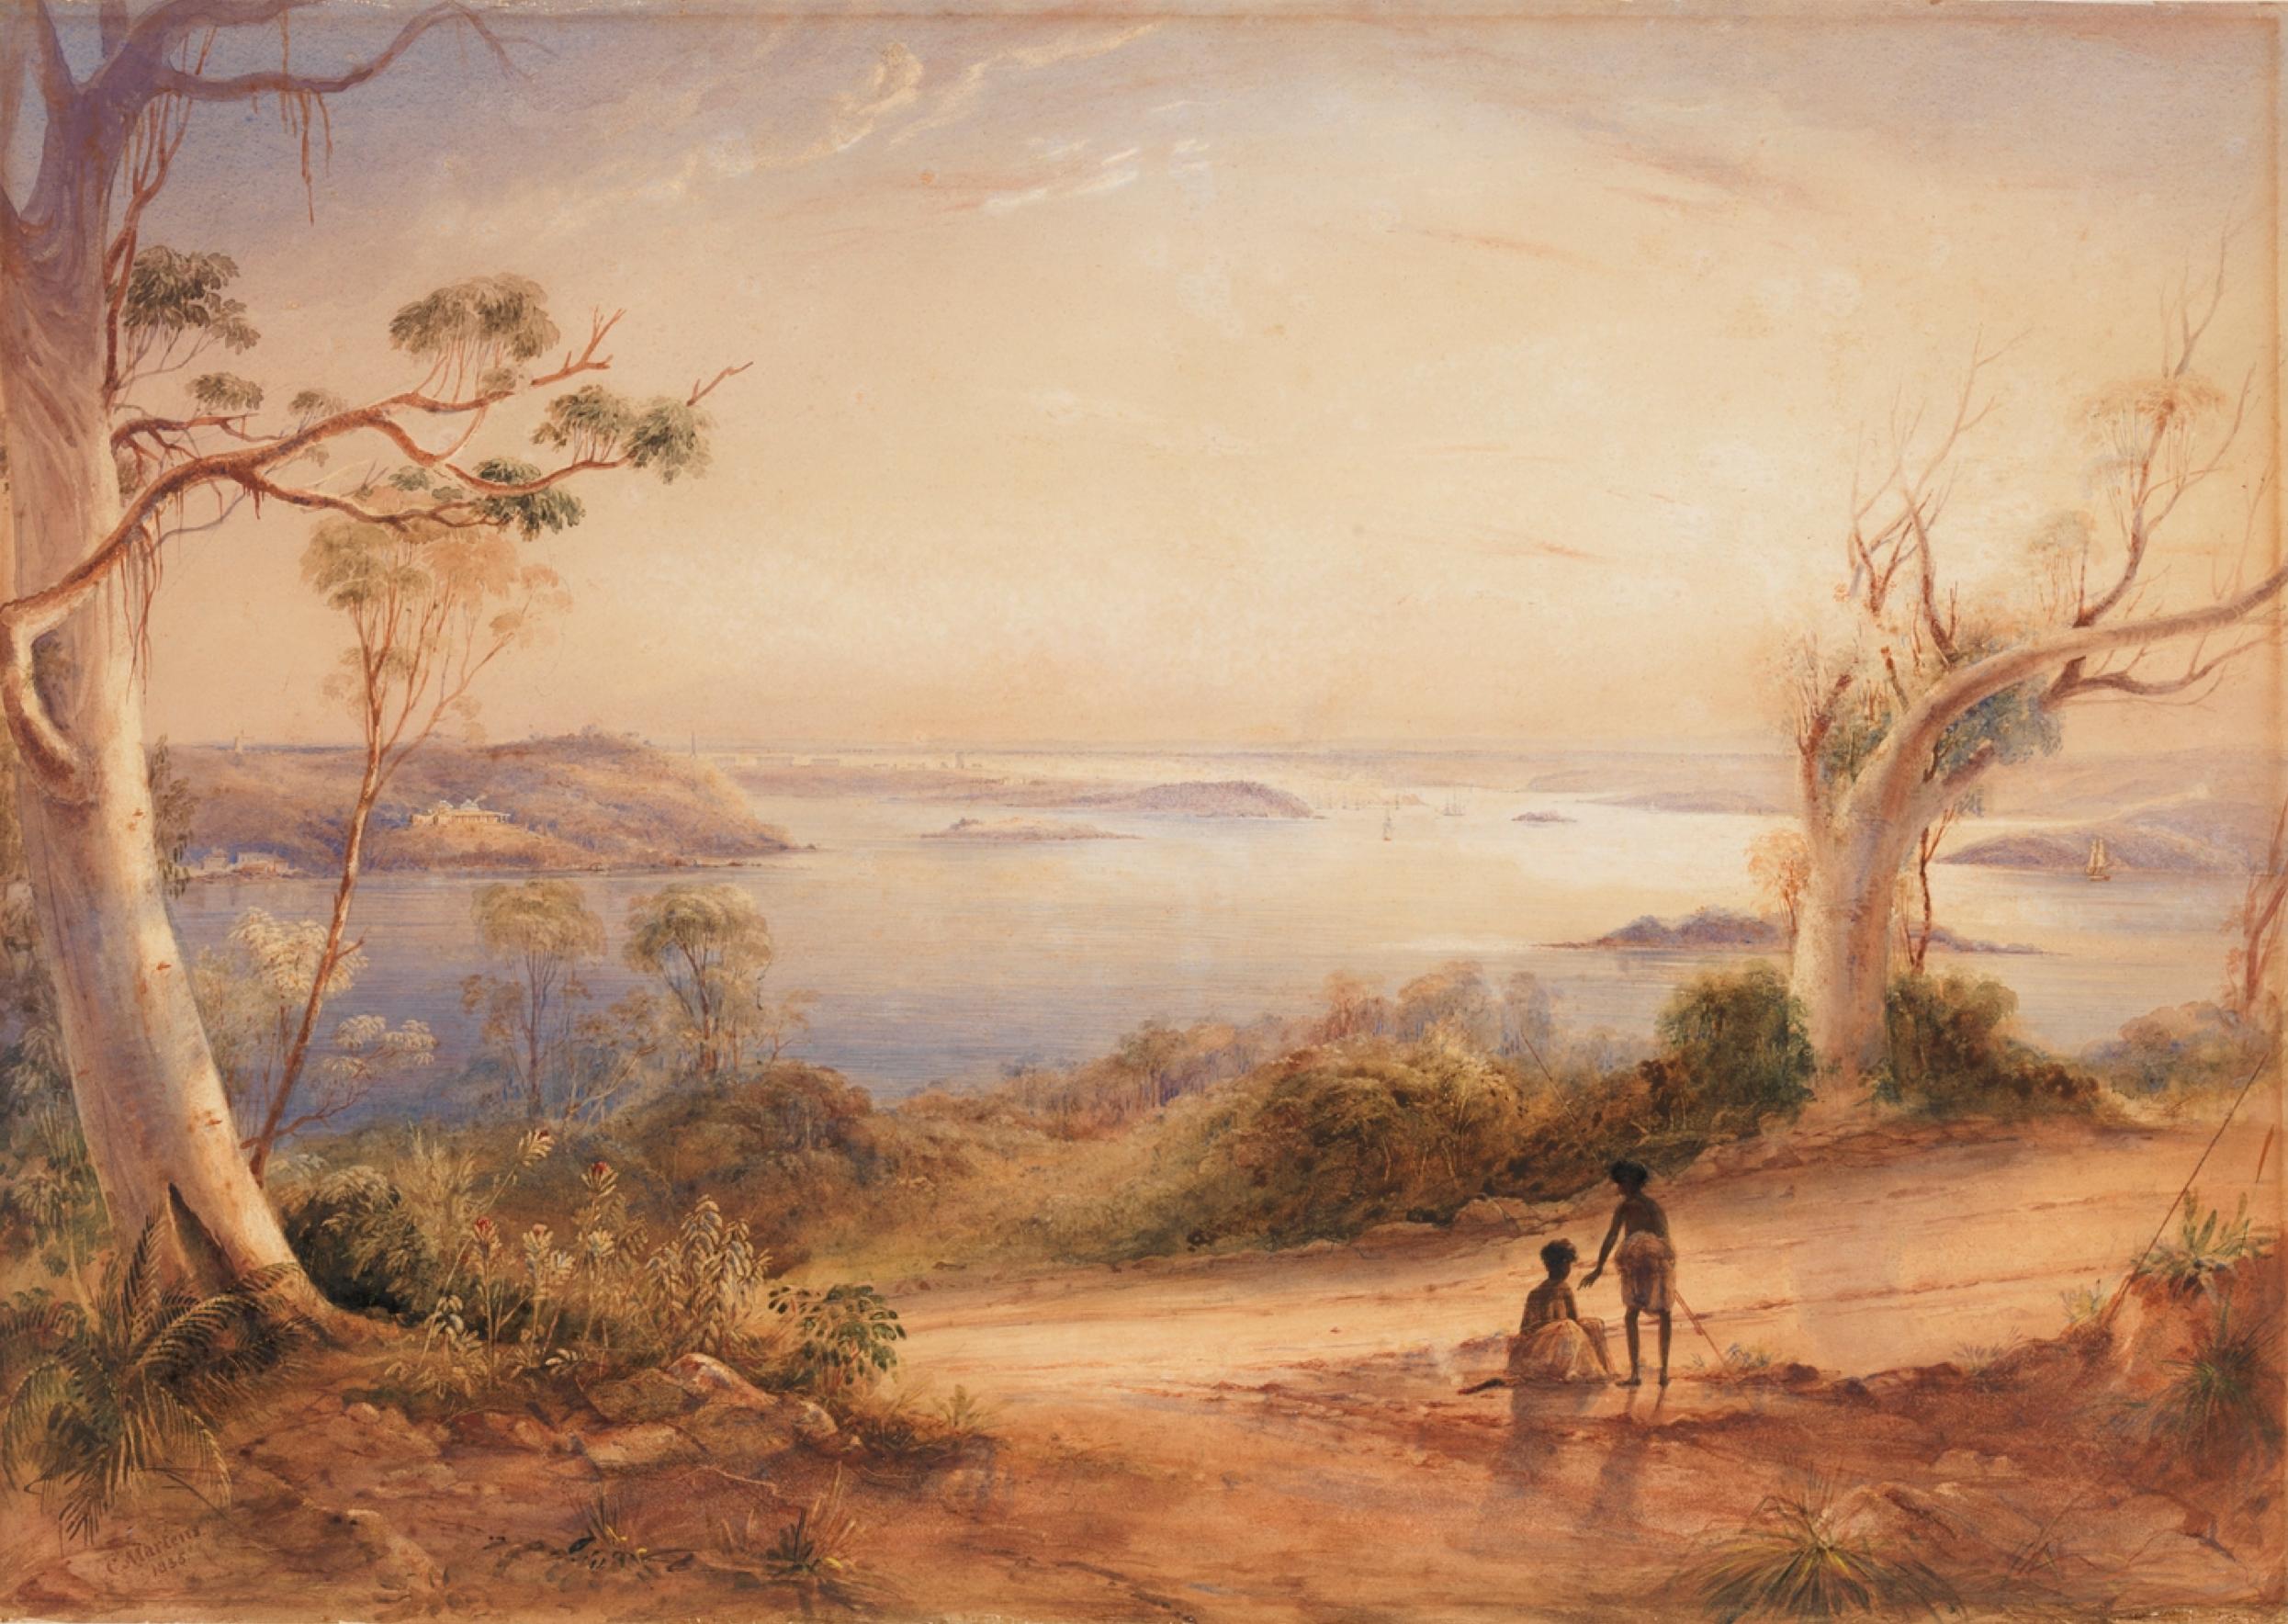 Sydney, 1835, by Conrad Martens